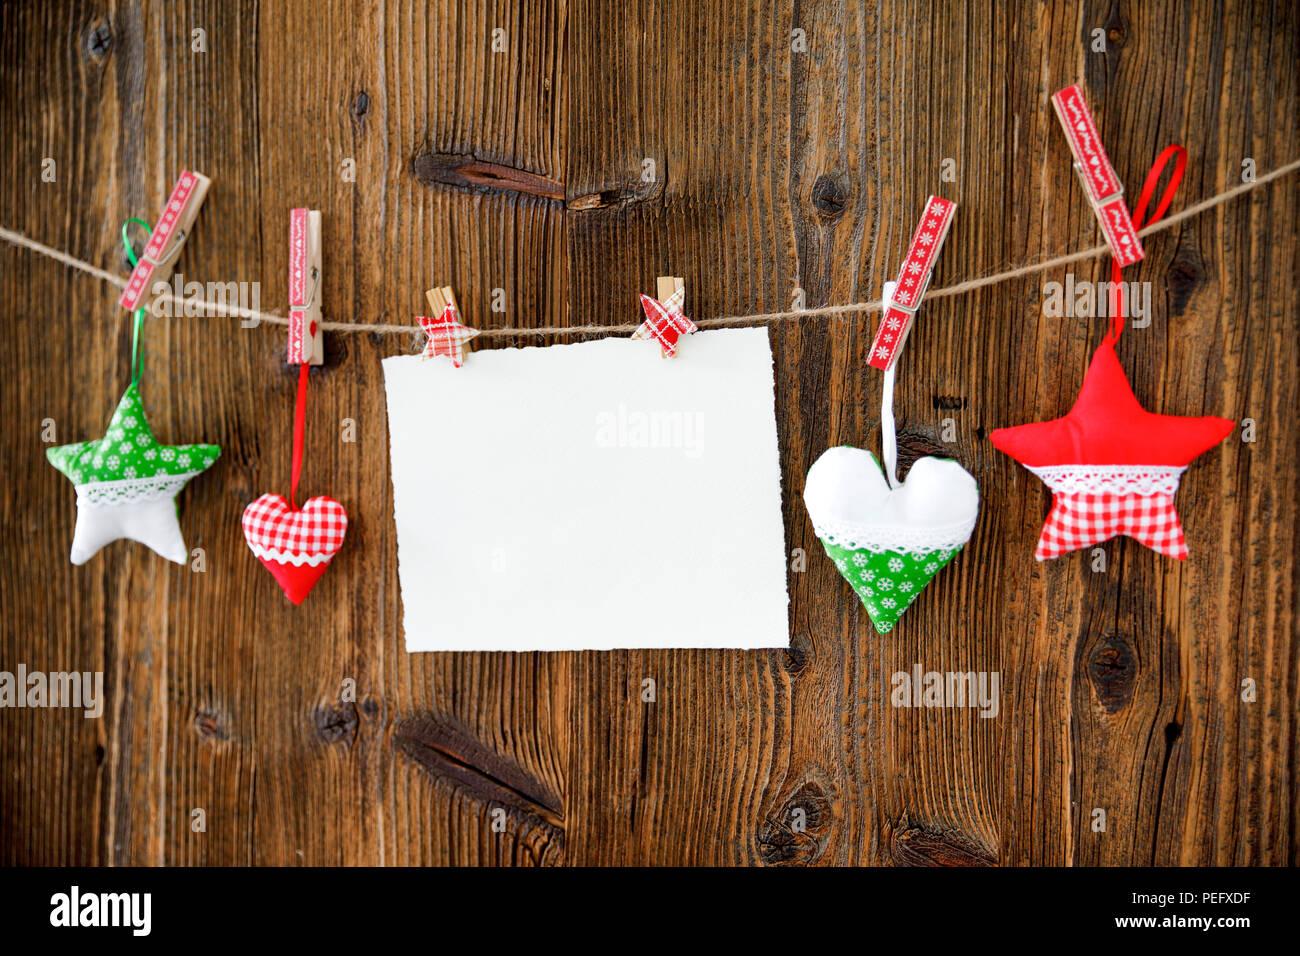 L'Avent, décoration de l'avent, temps de l'Avent, conseil, mur en bois, Deko, décoration, le coeur, l'arrière-plan, arrière-plan photo, bois, bois, collier en bois Photo Stock